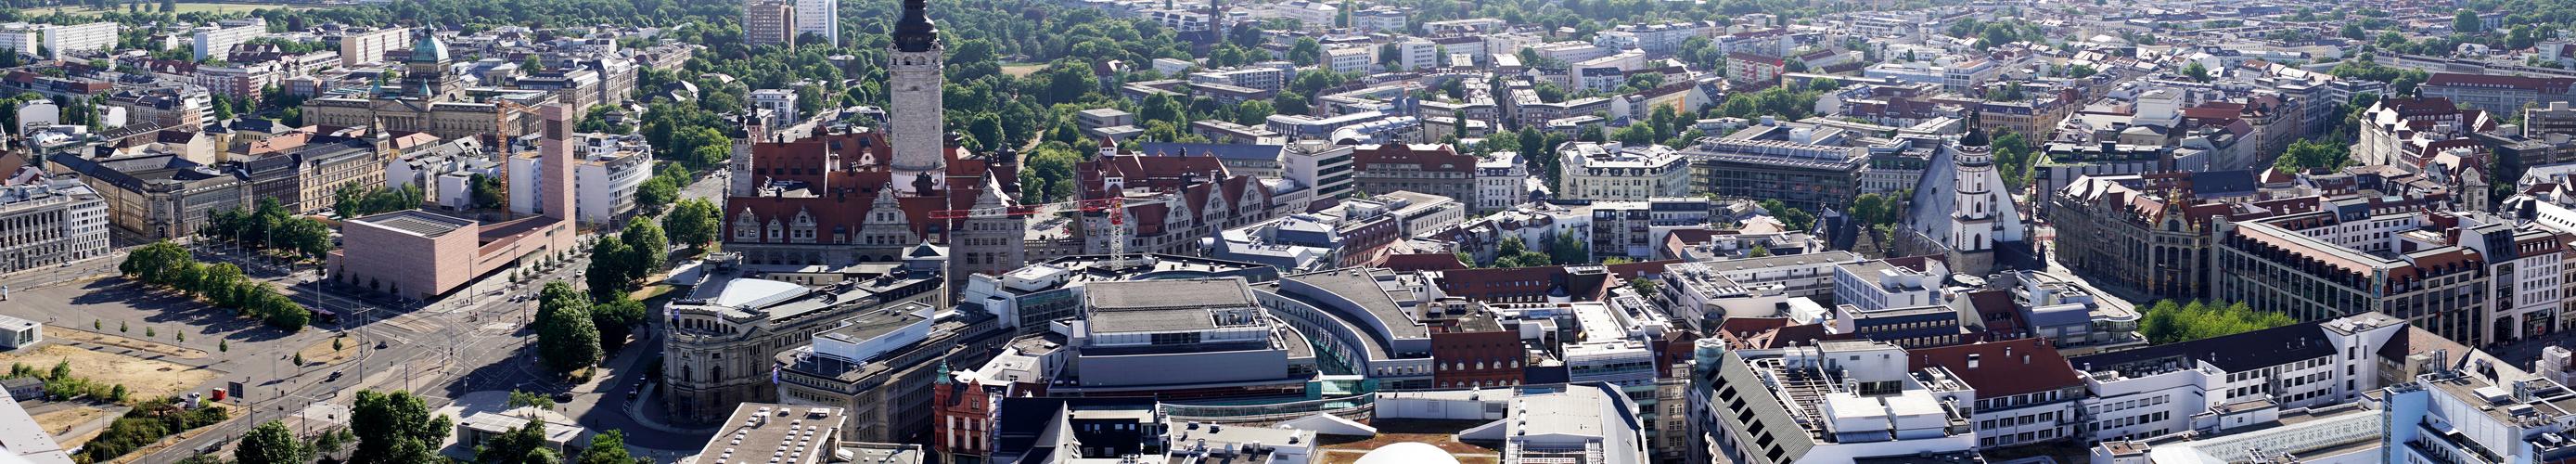 Teil der Innenstadt (westlicher Teil) von Leipzig, ohne Turmspitze ;)